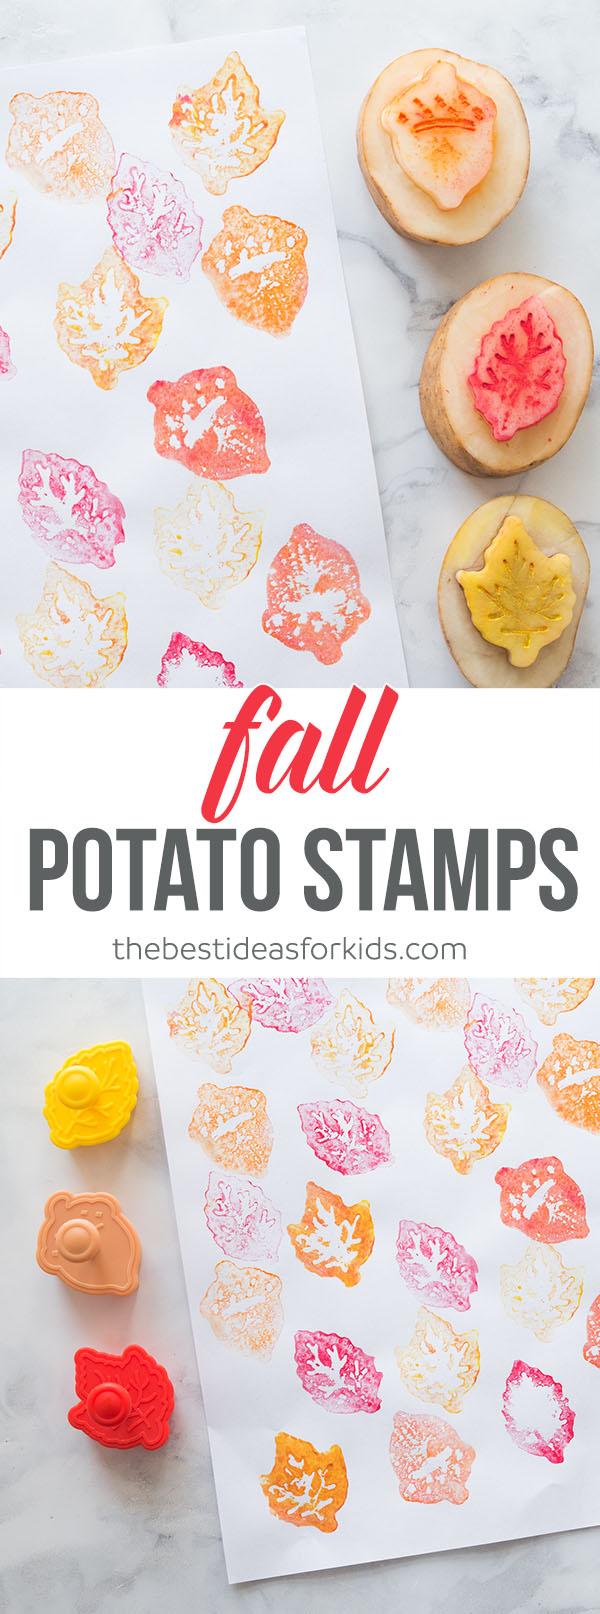 Fall Potato Stamps